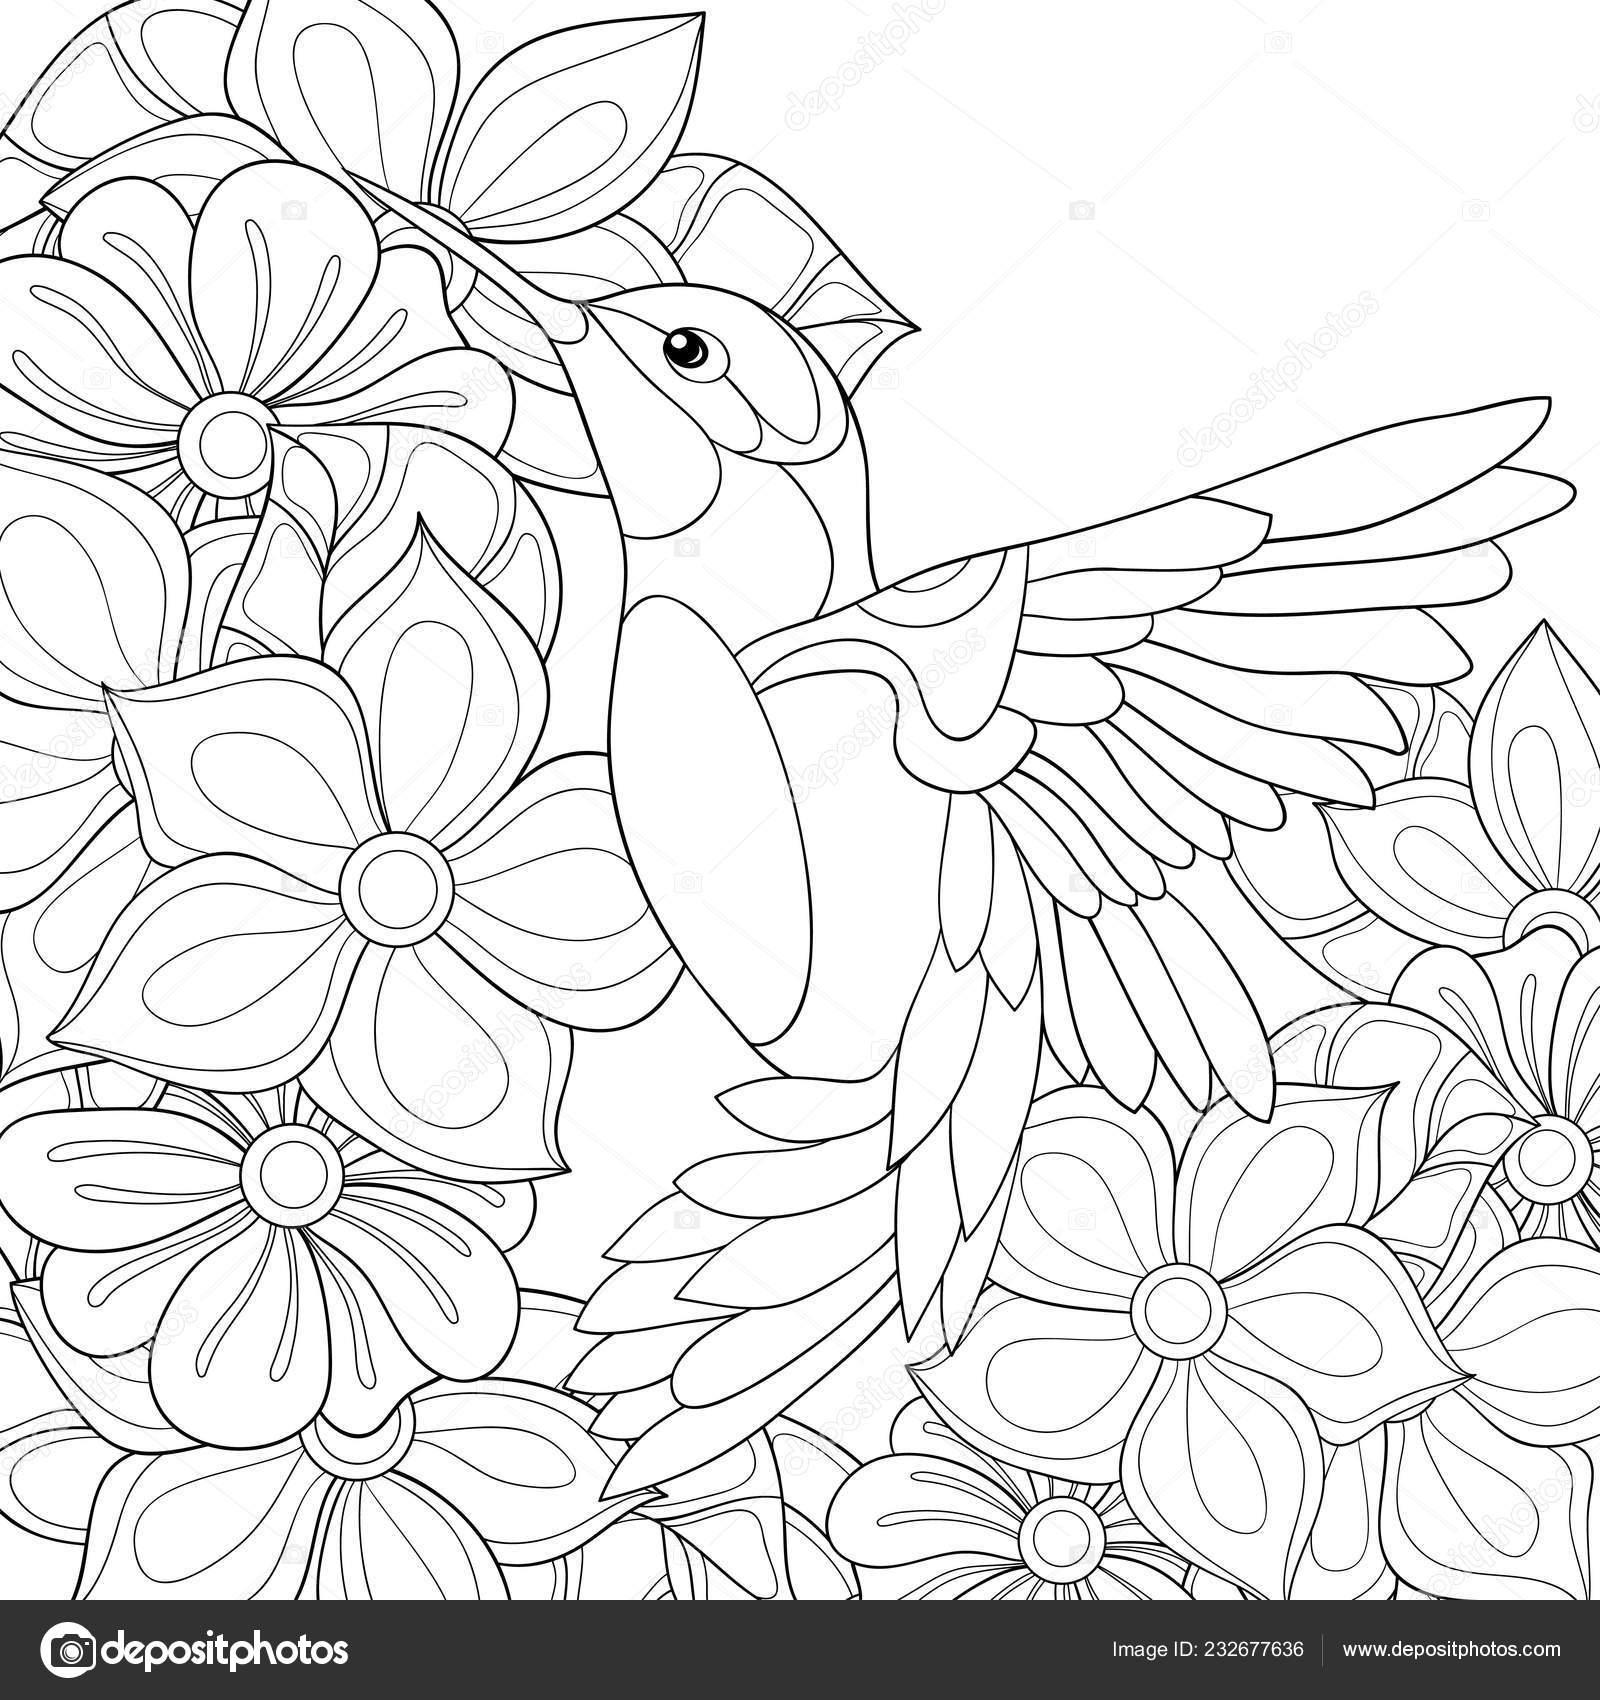 мило колибри фоне цветов изображения отдыха активность